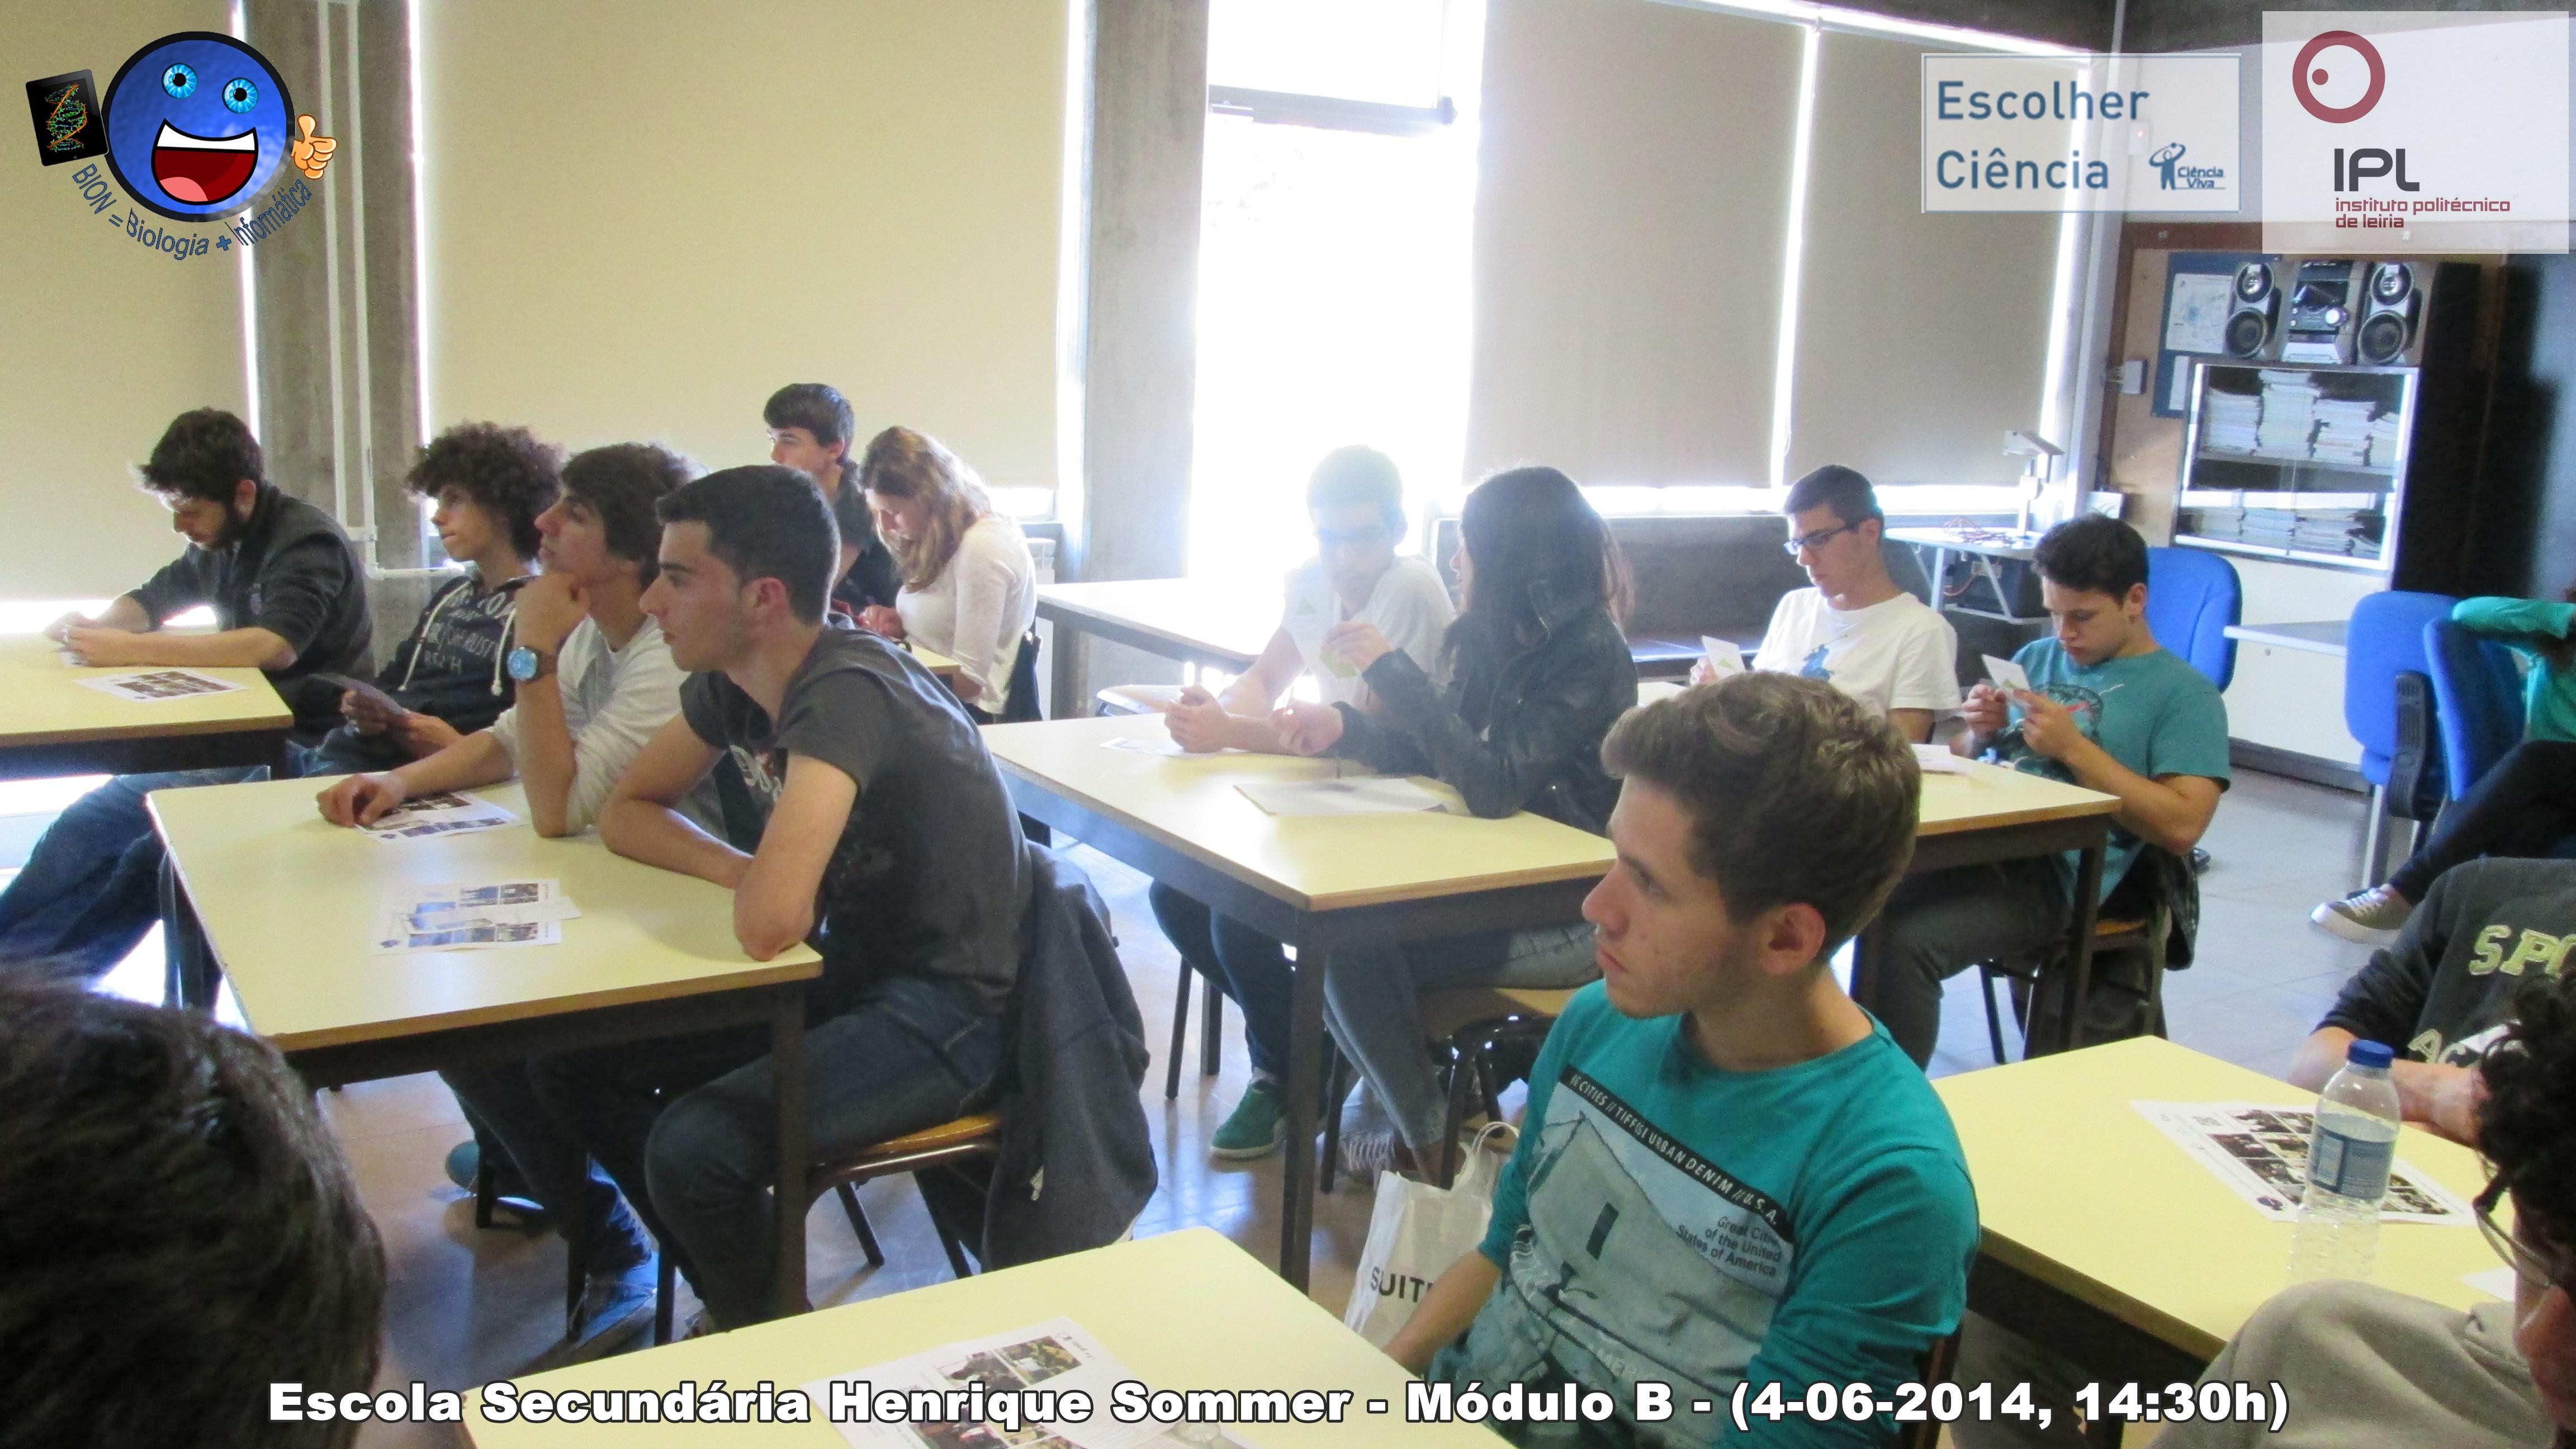 Modulo B - Escola Secundária Henr>                <input type=